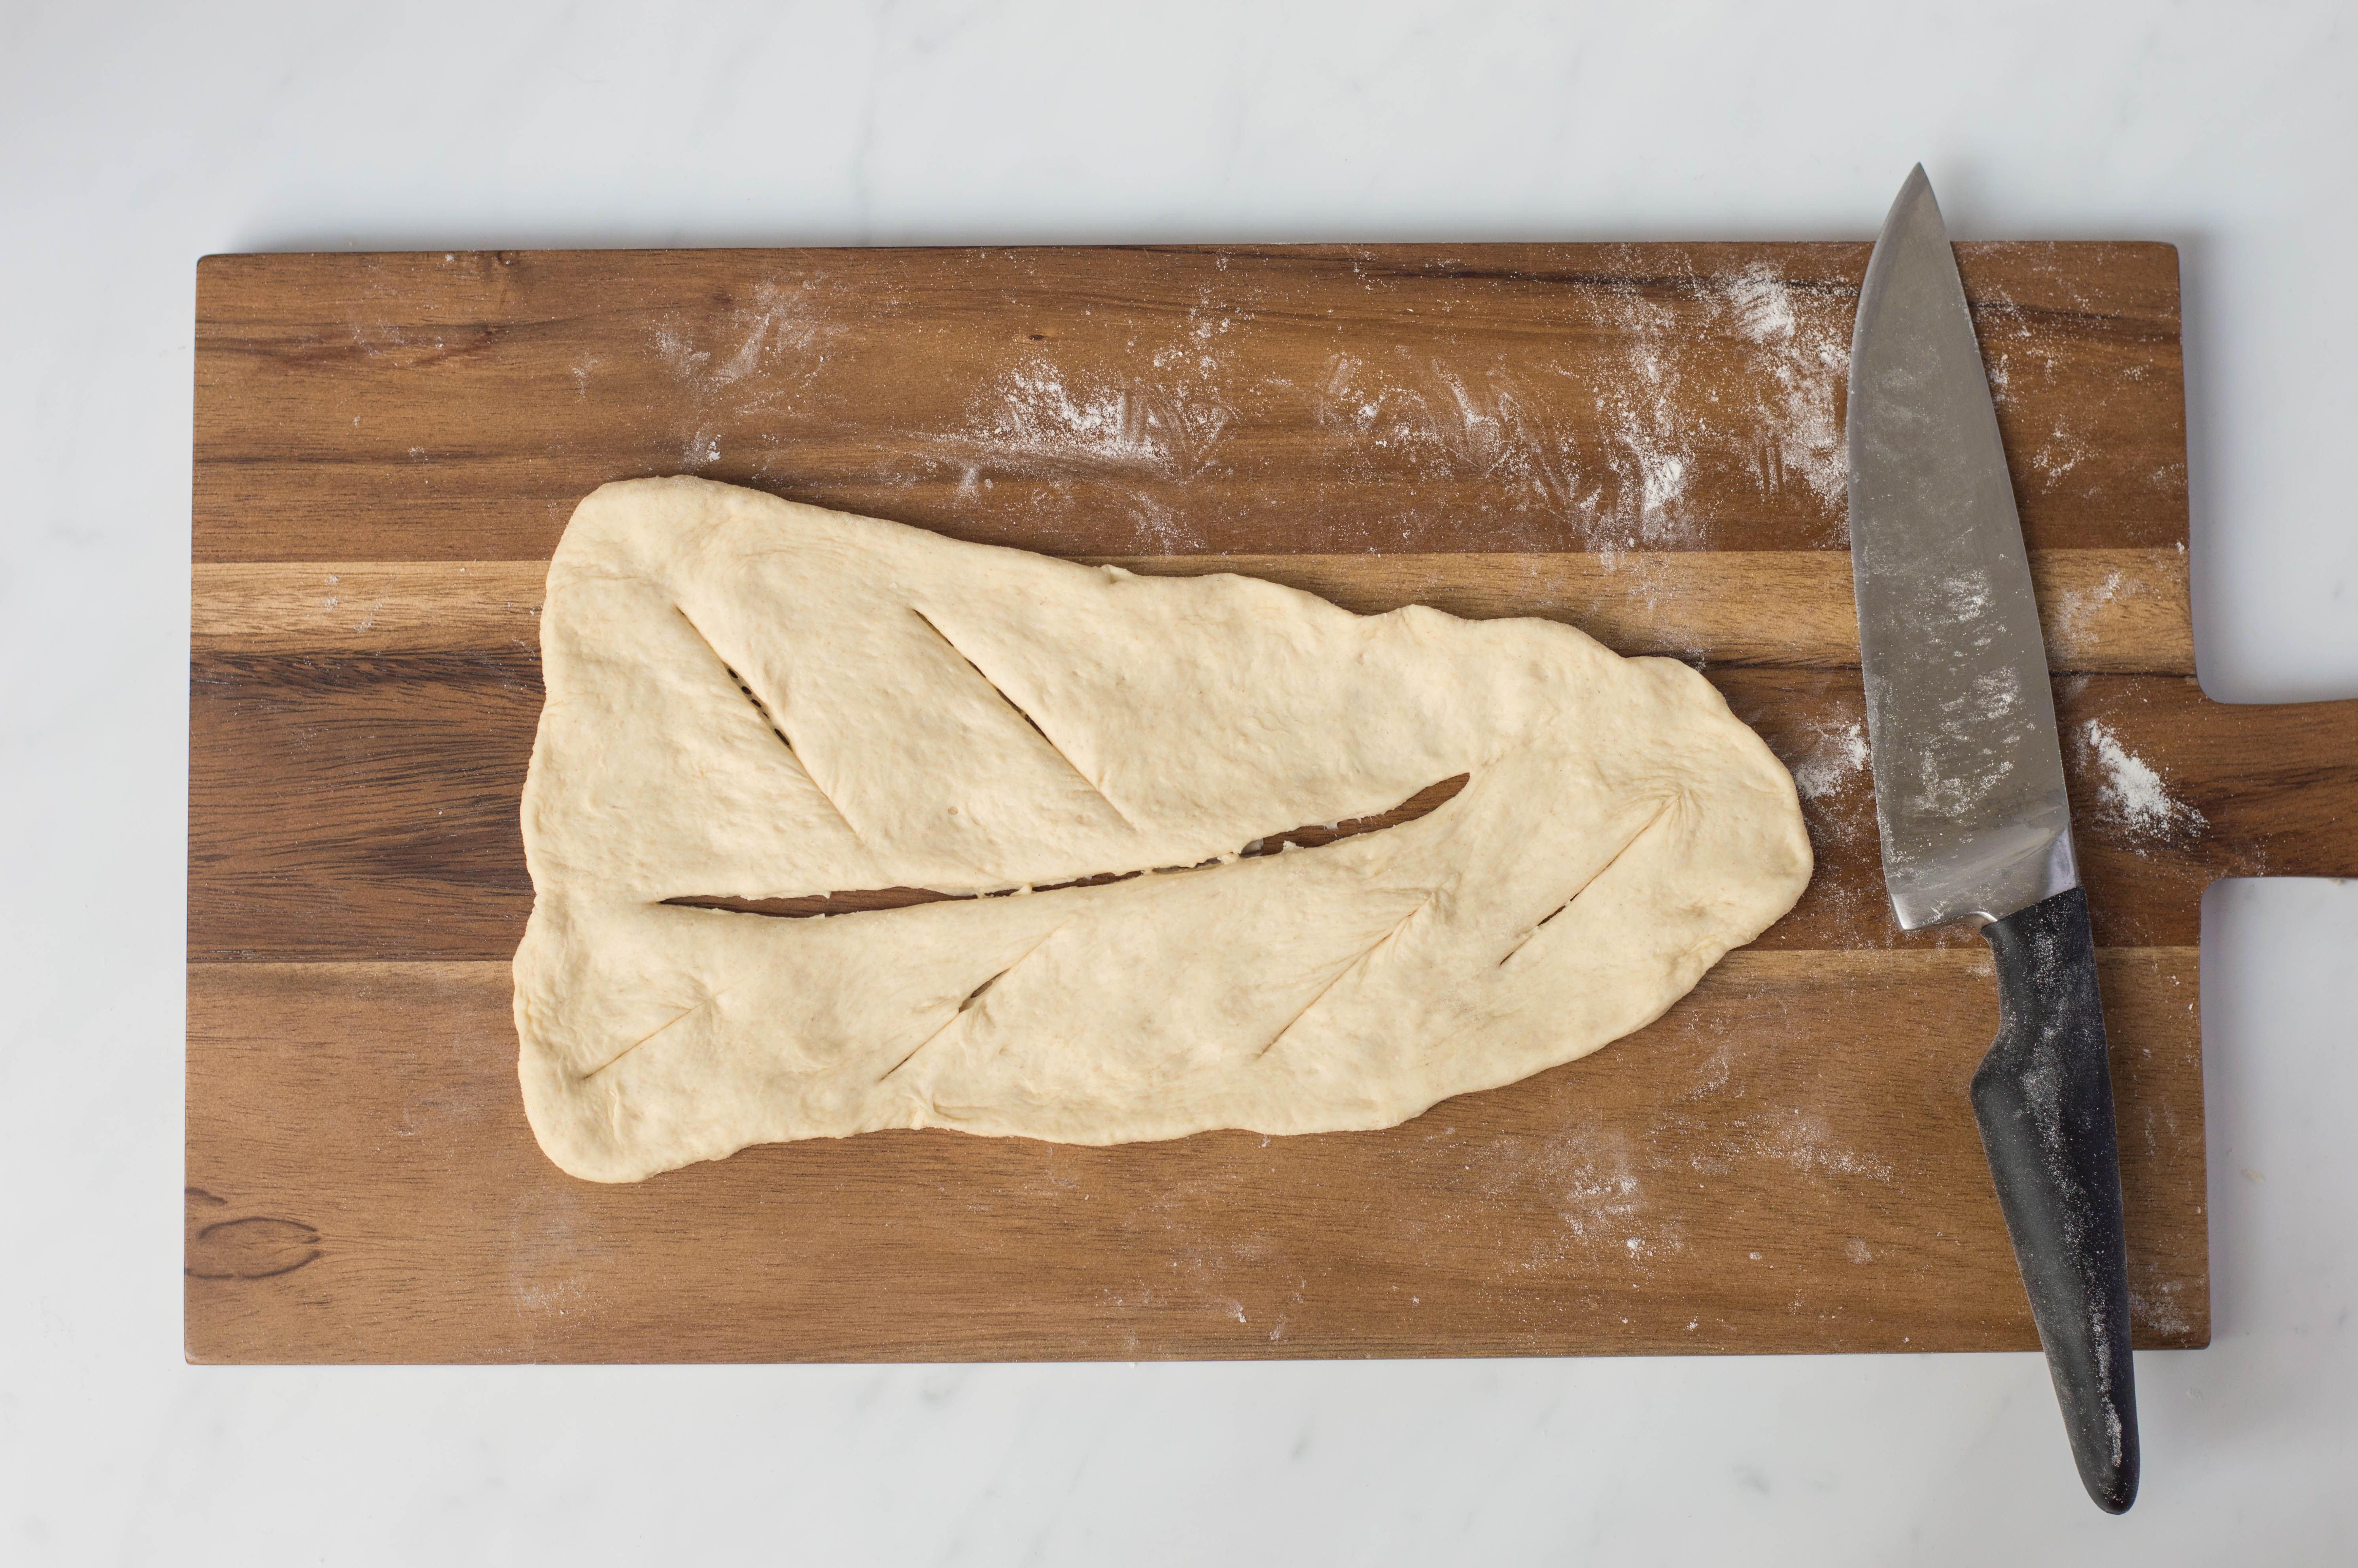 Fougasse bread recipe